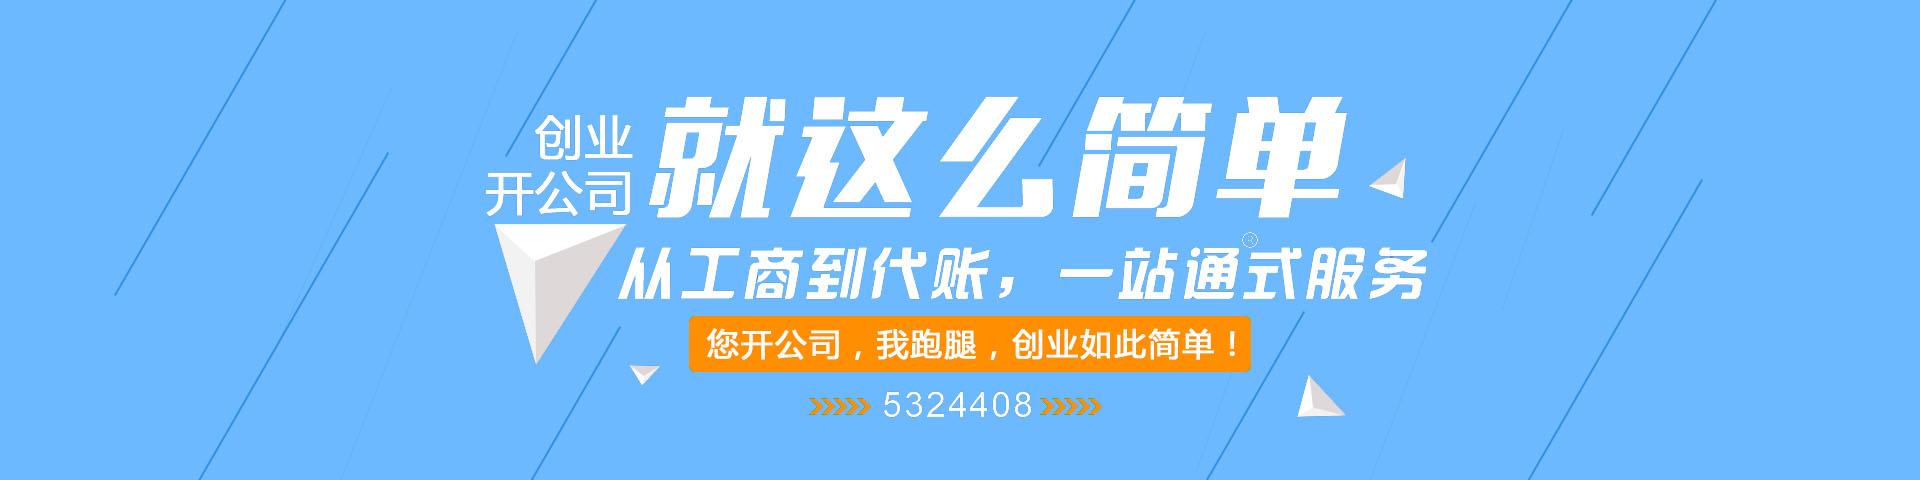 青岛商标注册